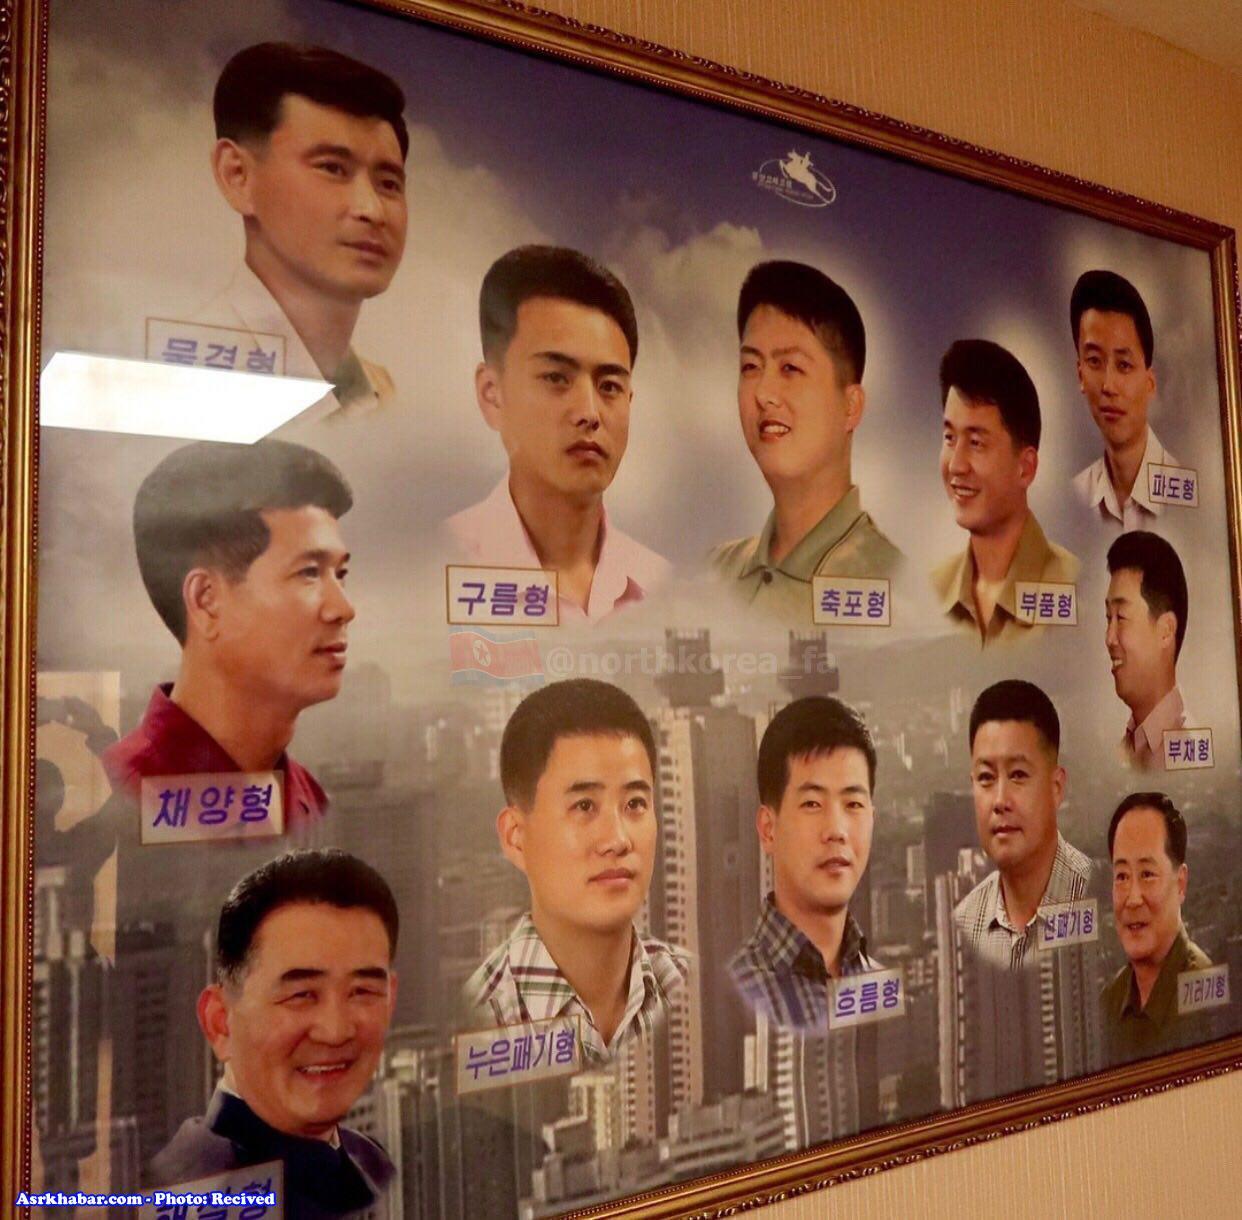 مدل موی مجاز زنان و مردان در کره شمالی (عکس)